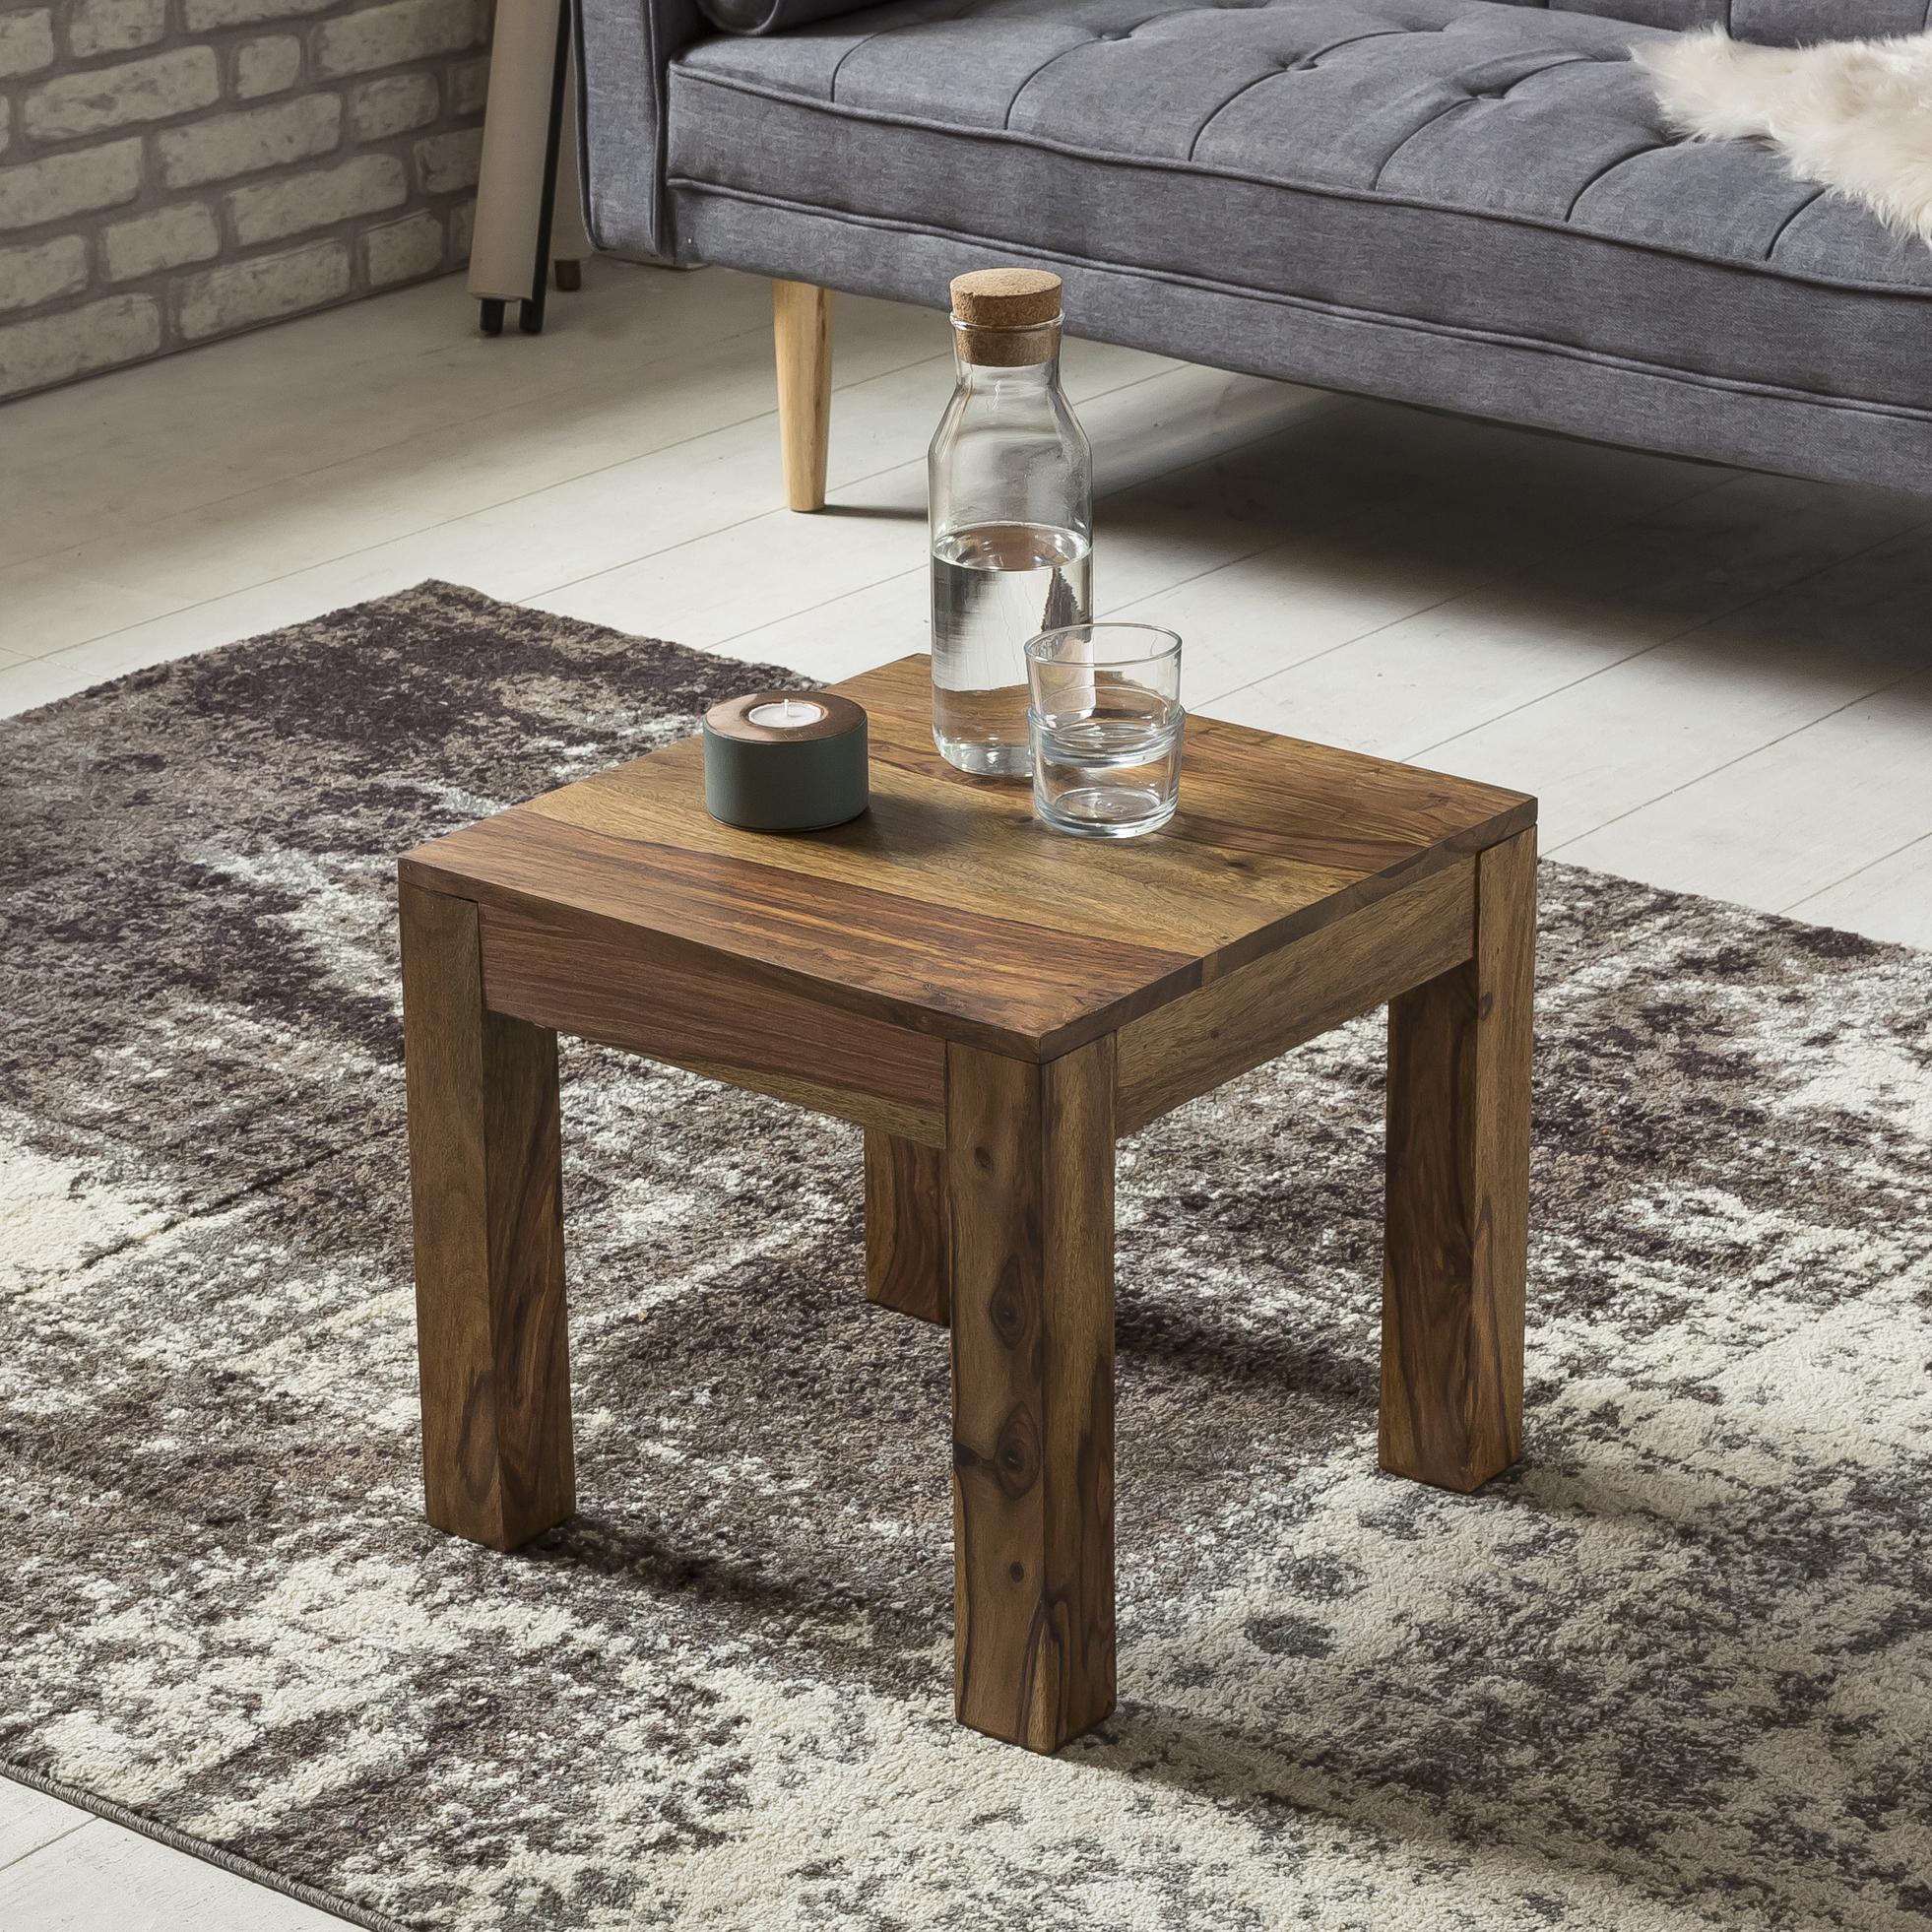 WOHNLING Couchtisch Massiv-Holz Sheesham 8 cm breit Wohnzimmer-Tisch  Design dunkel-braun Landhaus-Stil Beistelltisch Natur-Produkt  Wohnzimmermöbel